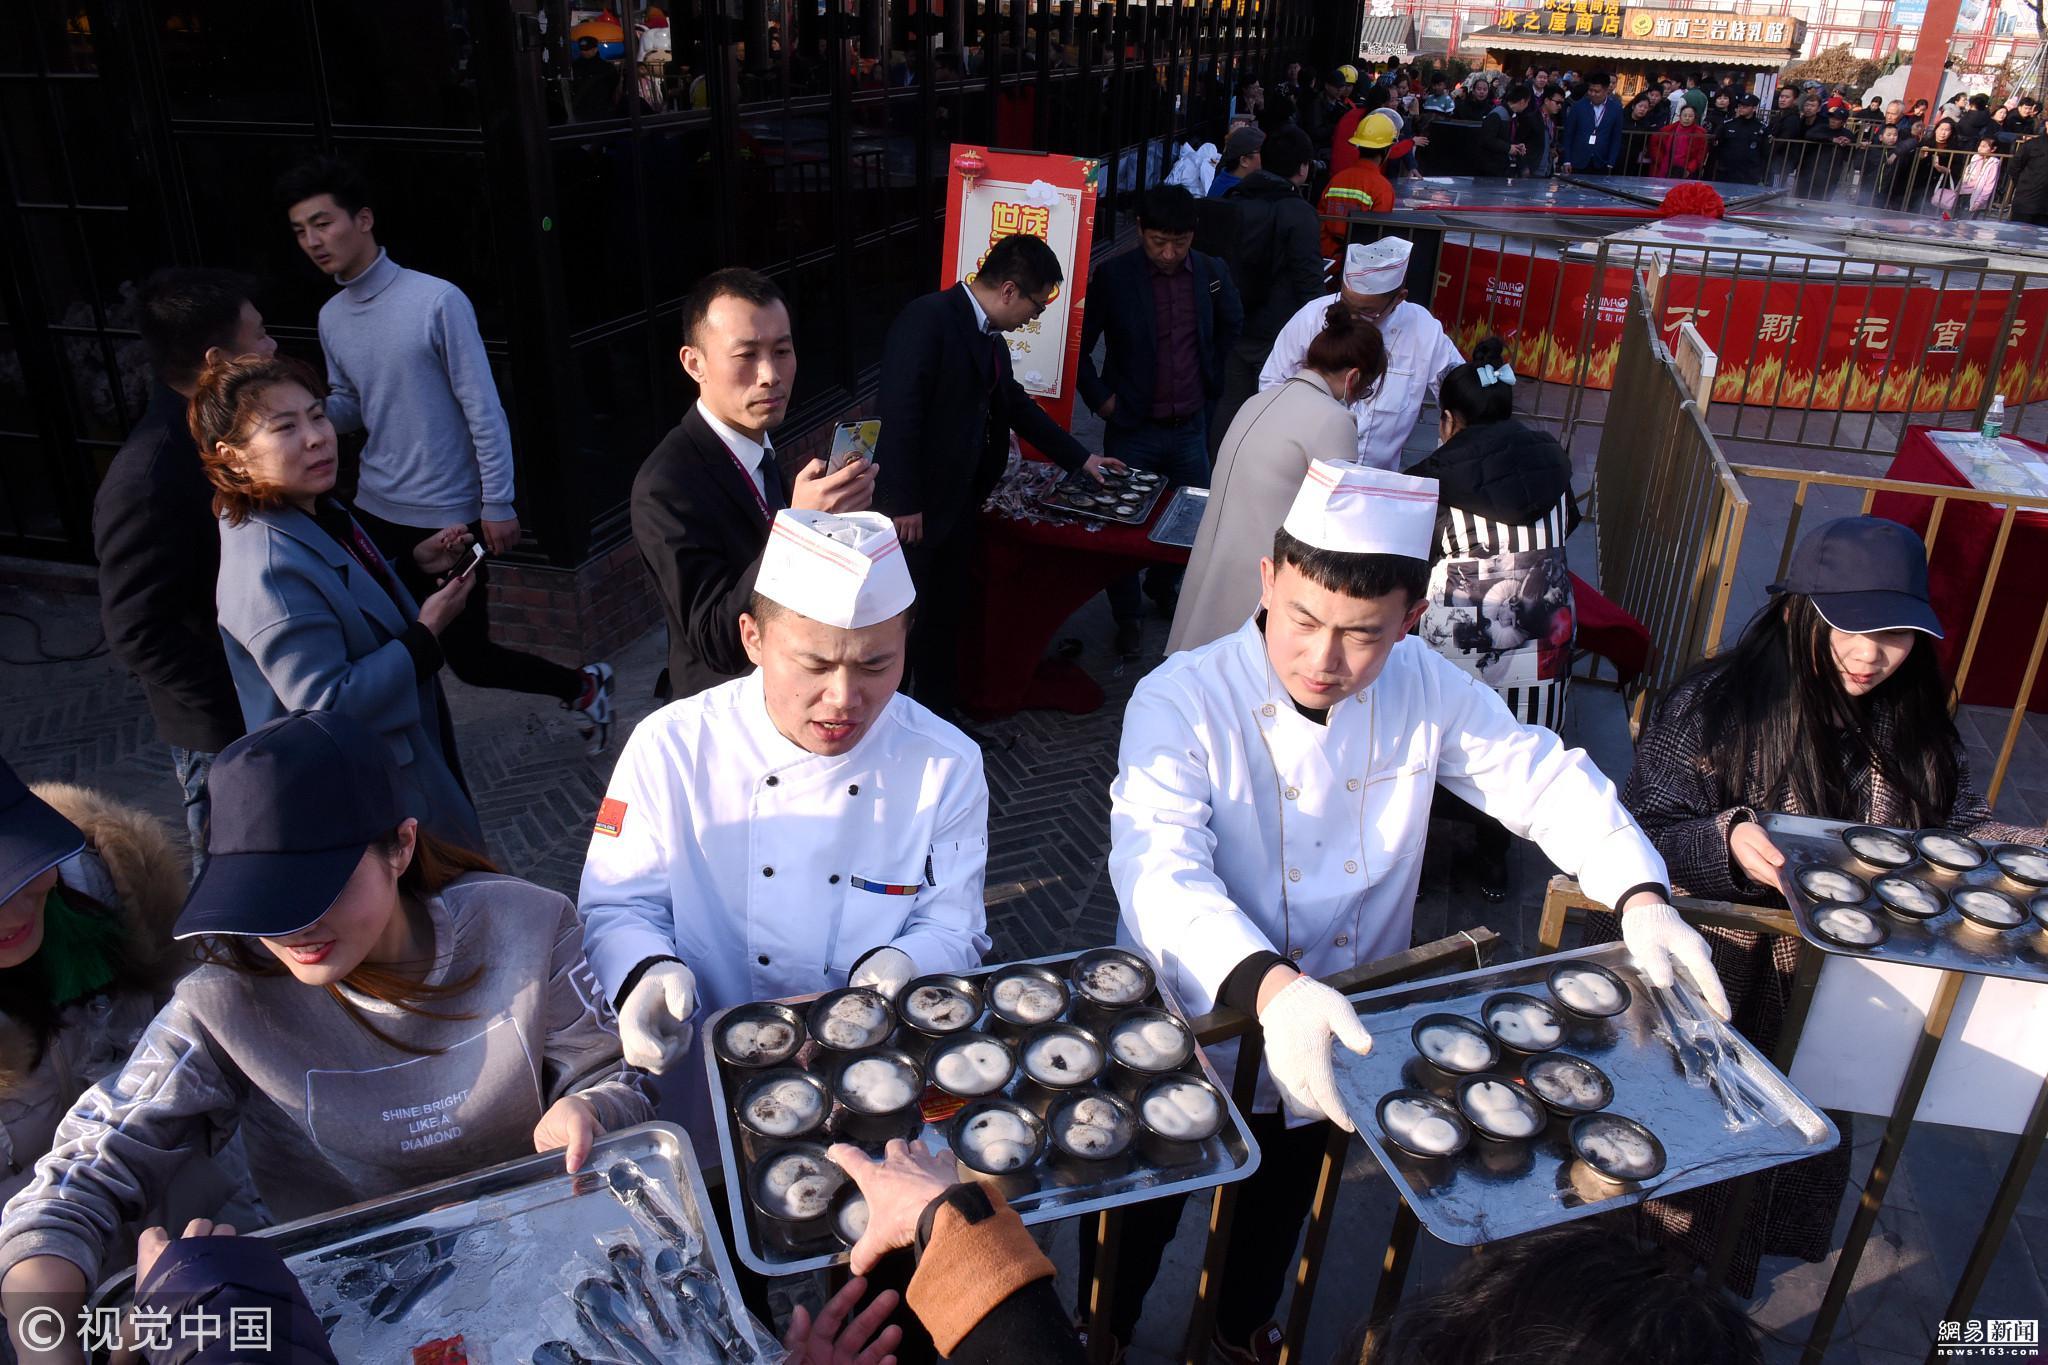 济南直径6.6米大锅蒸2000个汤圆 市民排长队 - 周公乐 - xinhua8848 的博客